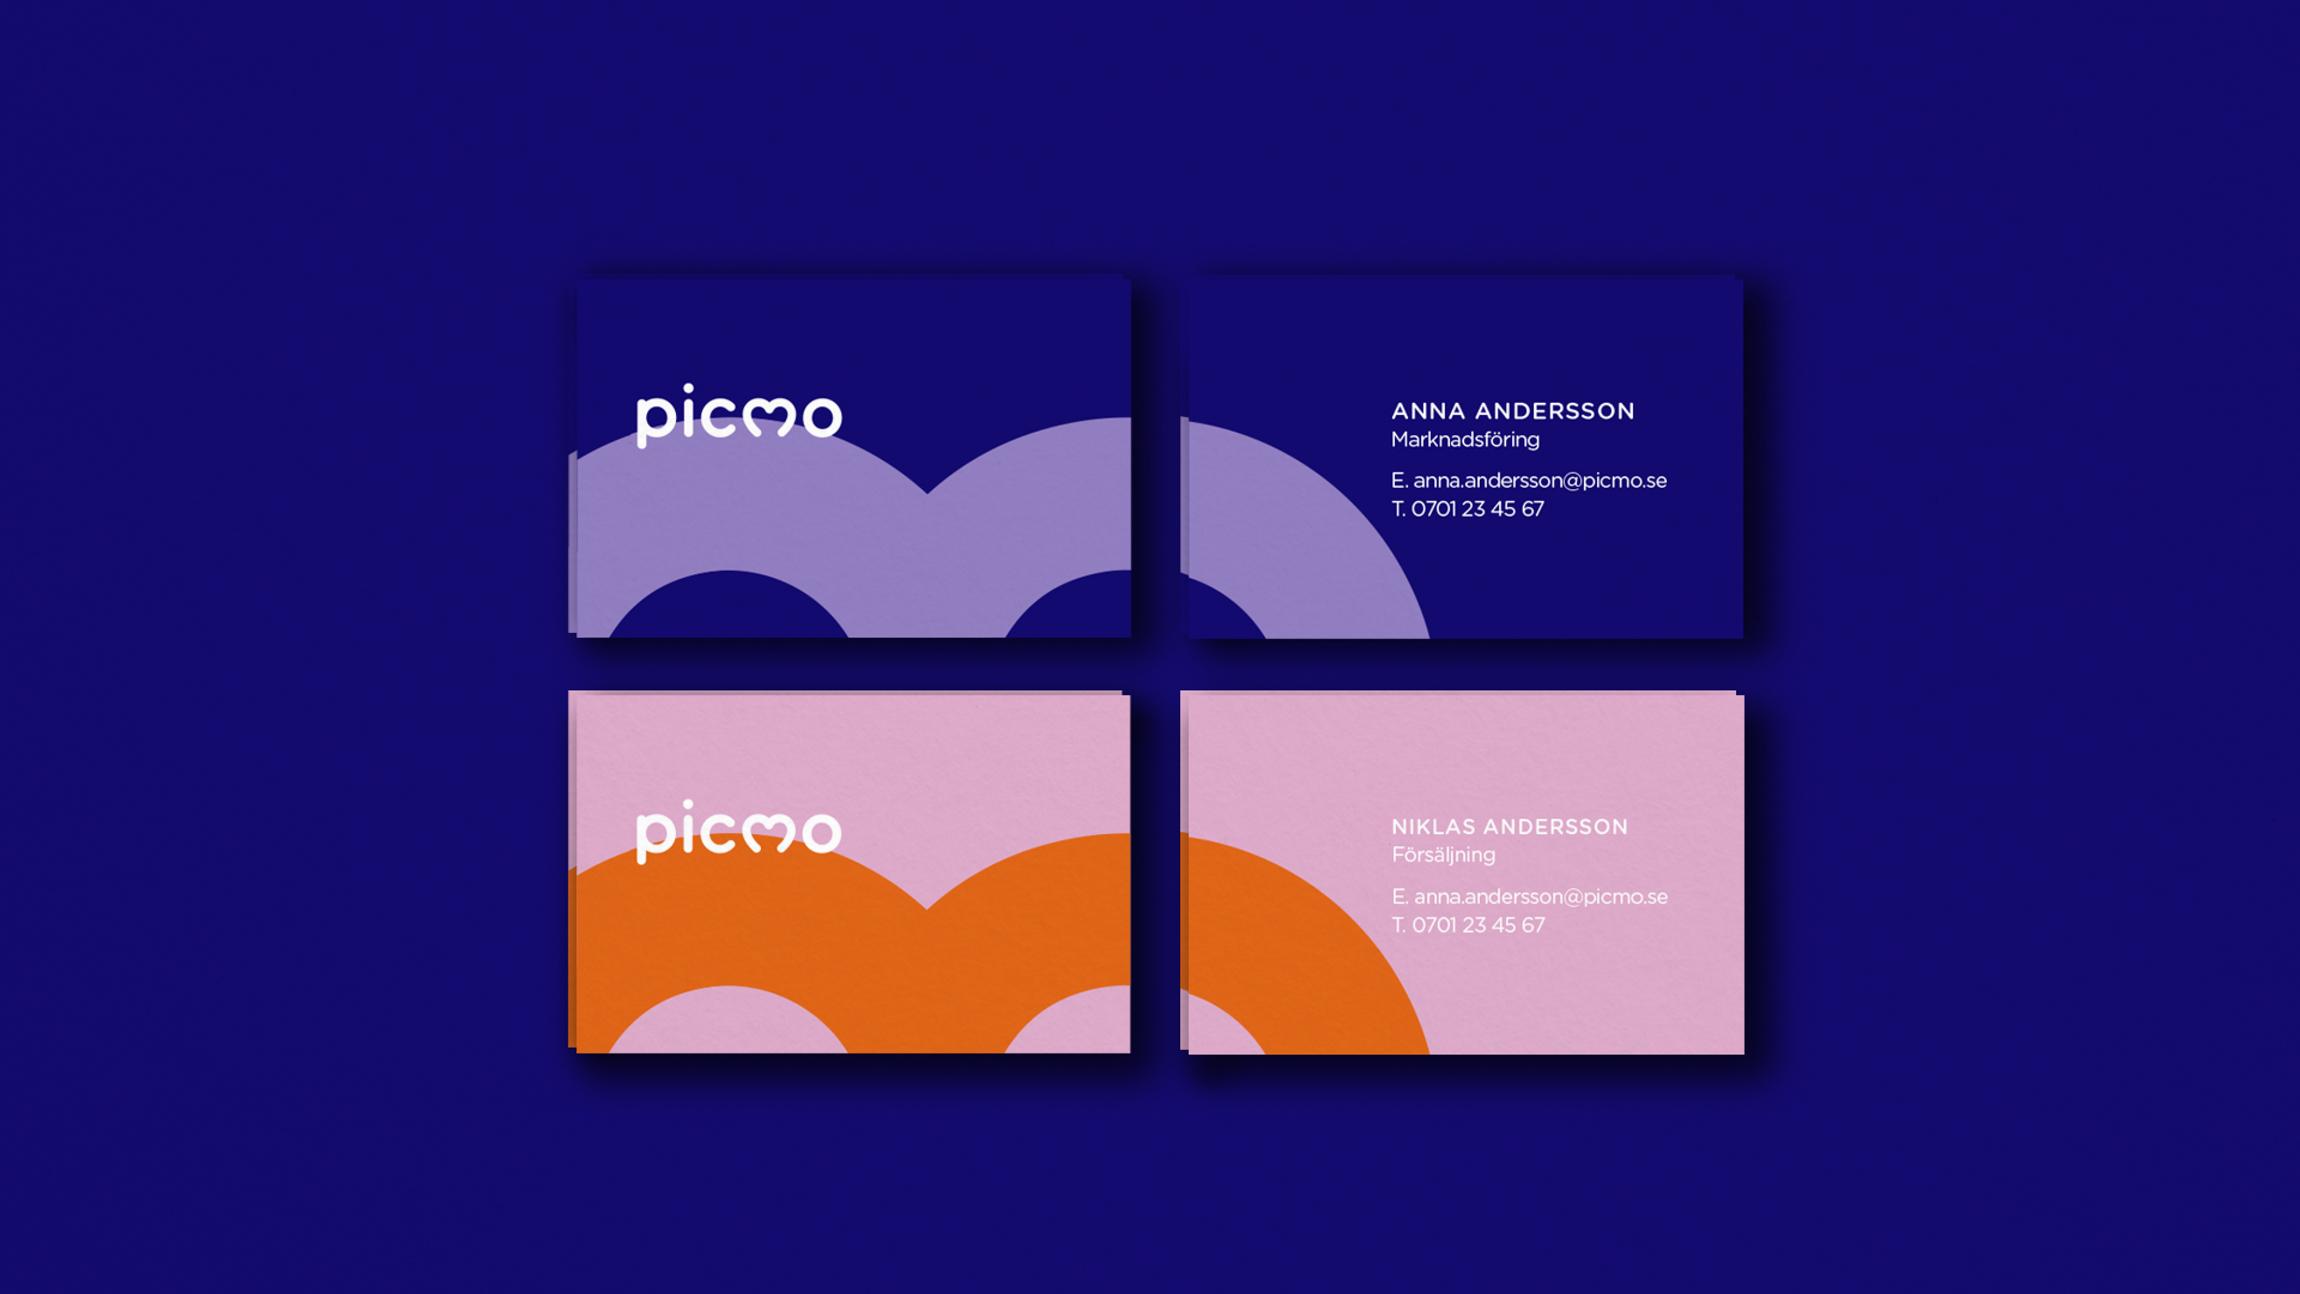 Picmo_Case_16